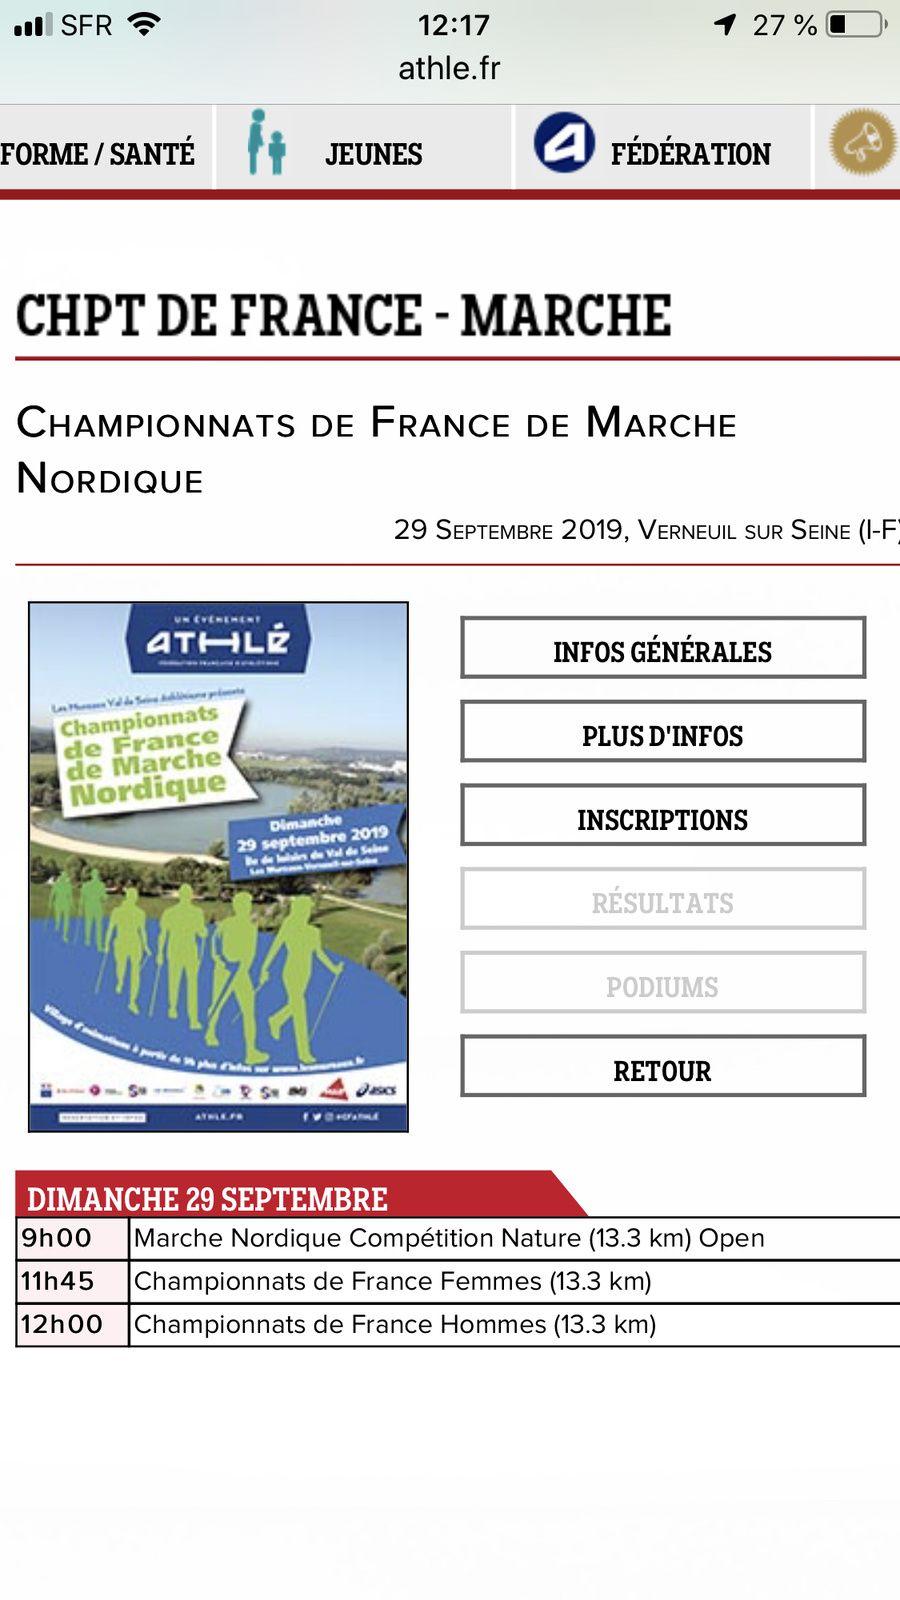 Championnat de France de Marche Nordique